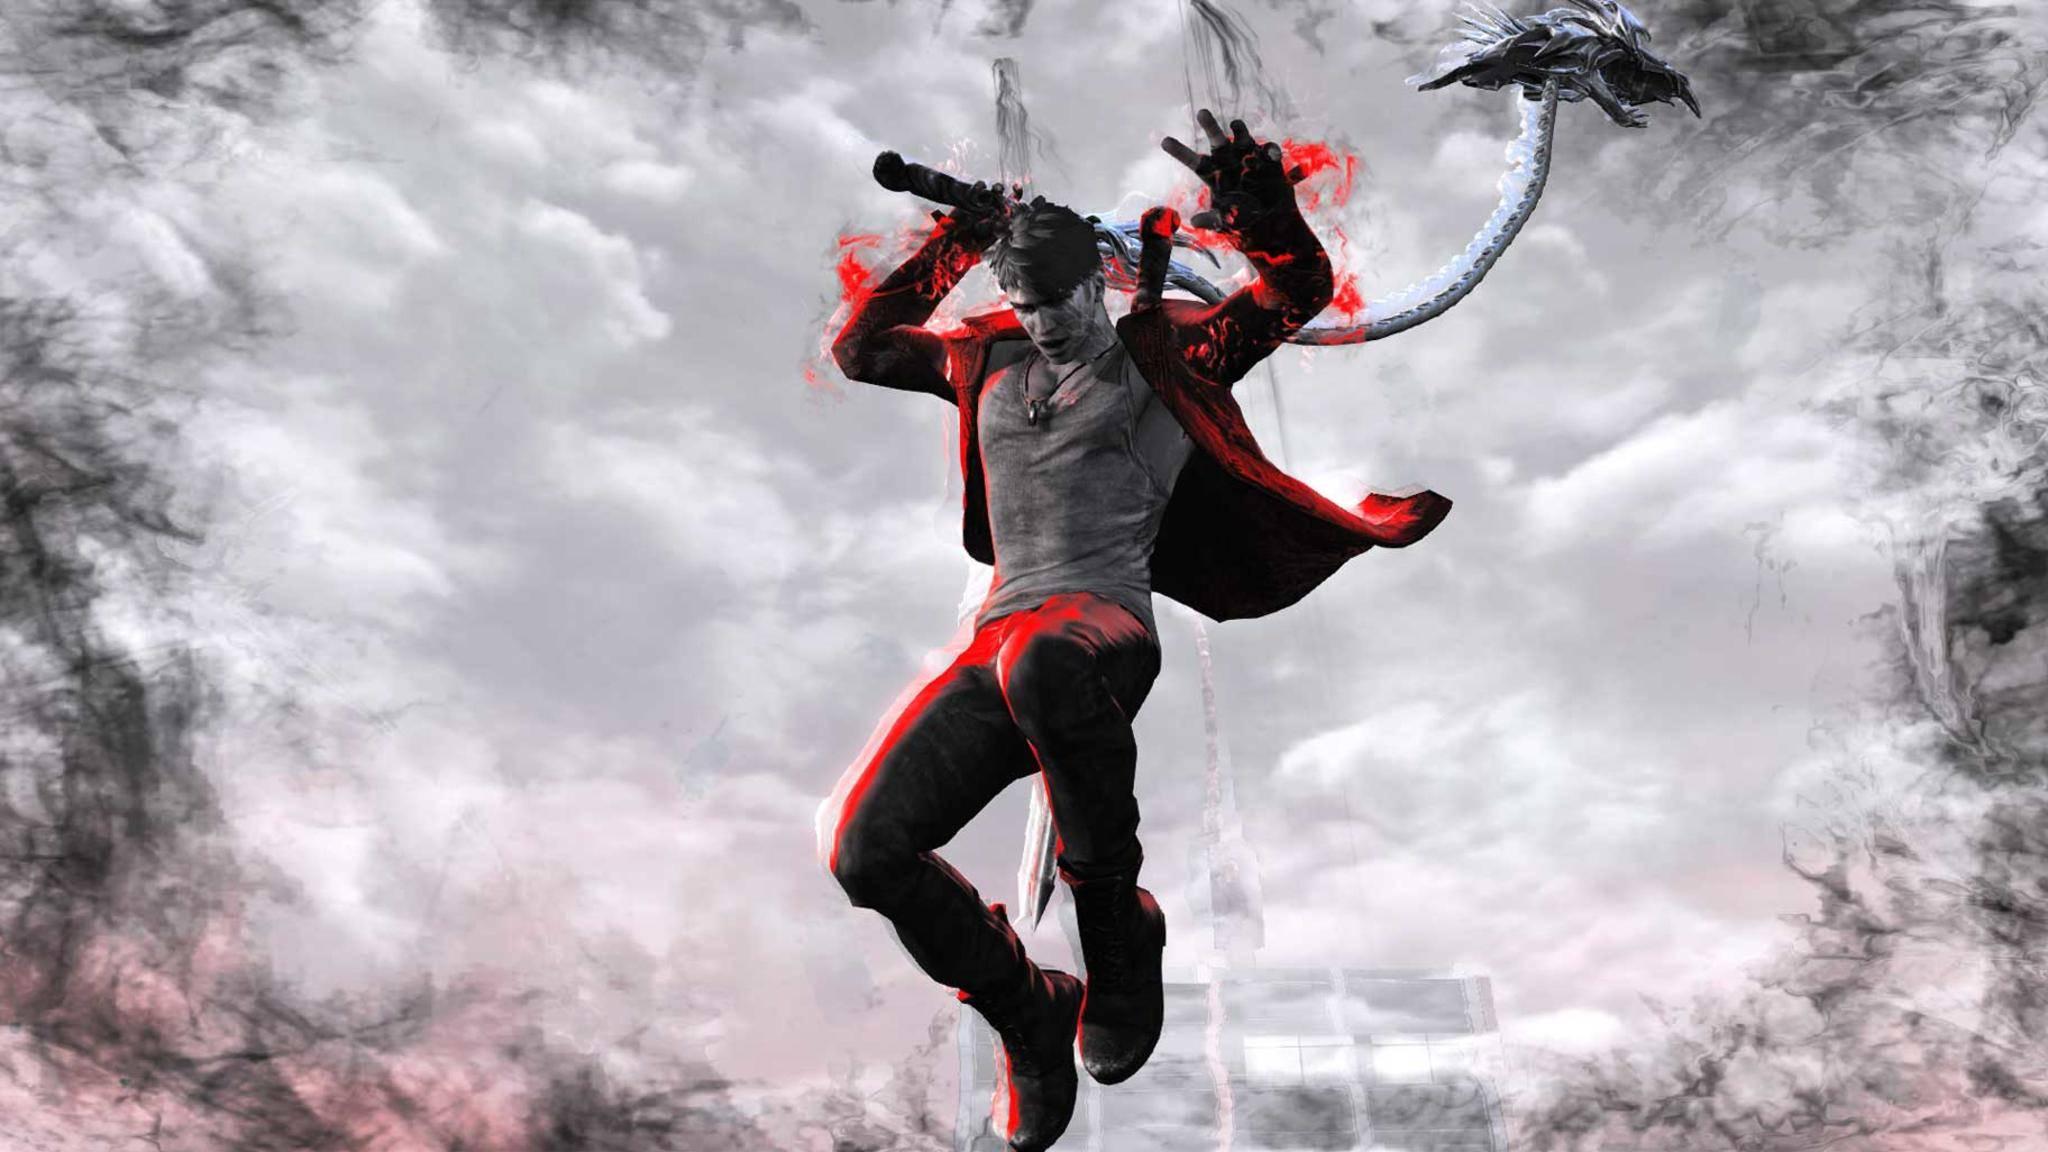 """Wird """"Devil May Cry 5"""" ein völlig anderes Spiel als die Vorgänger?"""